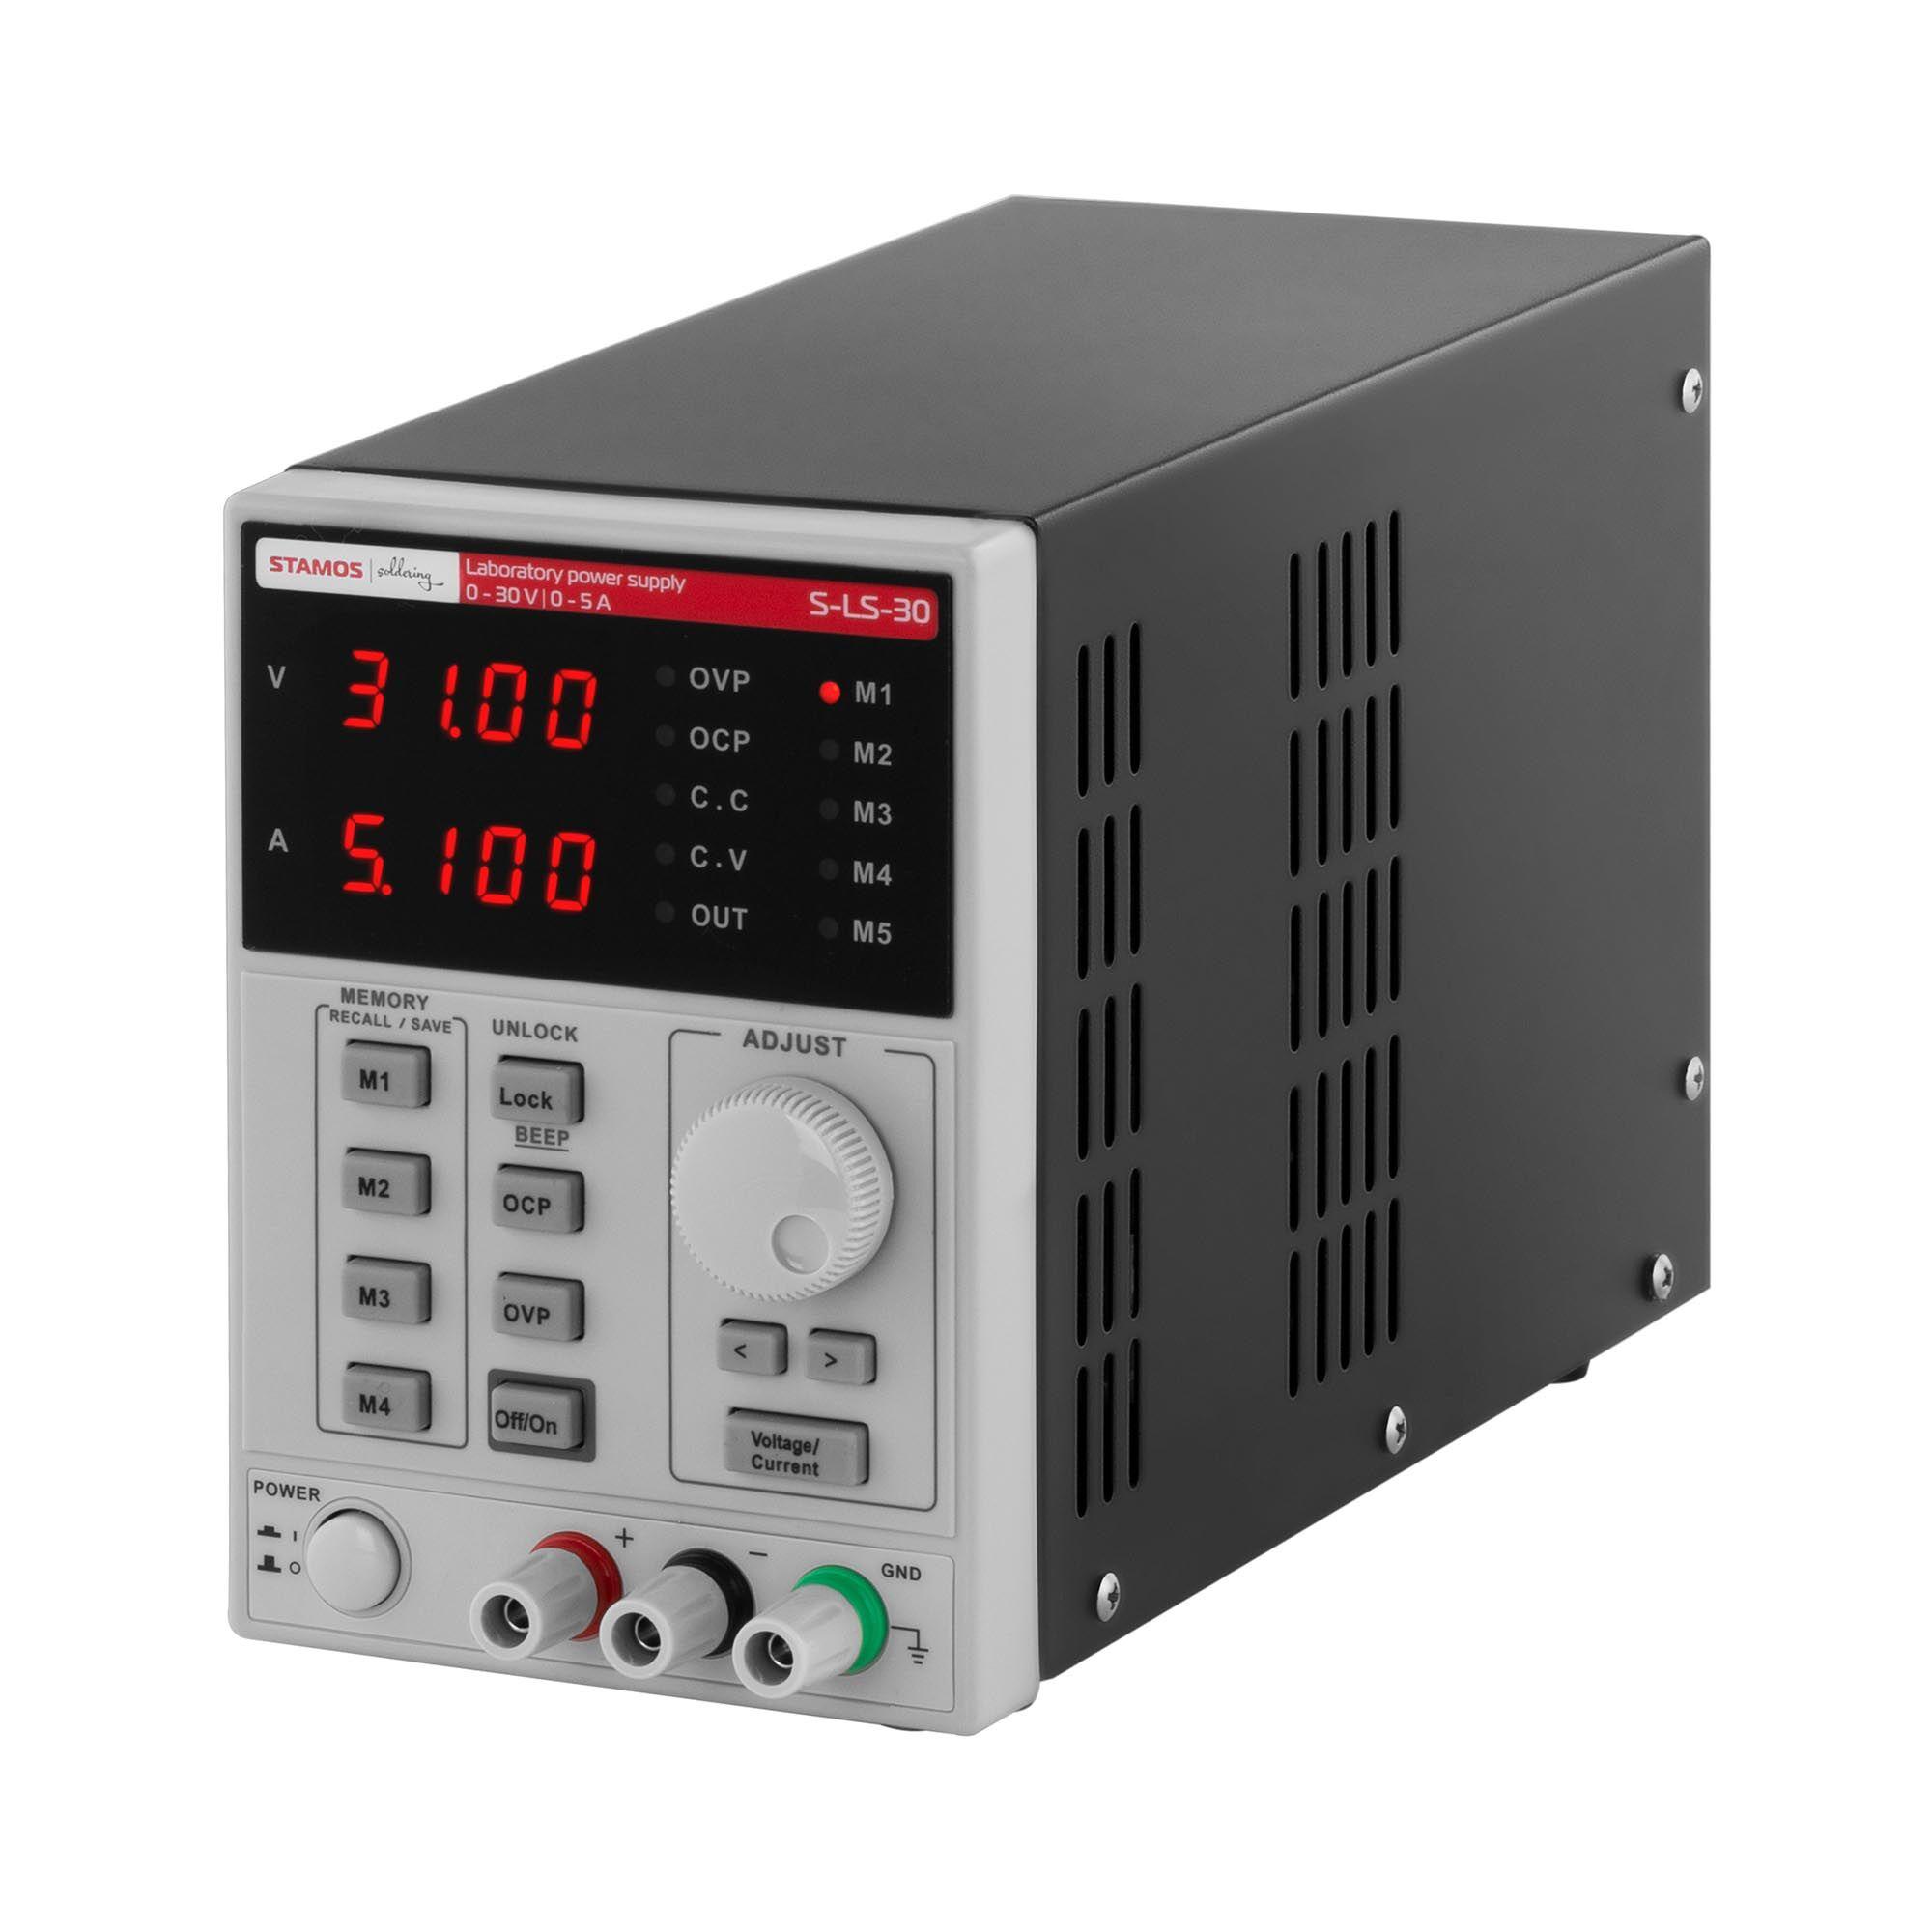 stamos soldering alimentatore da banco - 0-30 v, 0-5 a cc, 250 w - 4 memorie s-ls-30